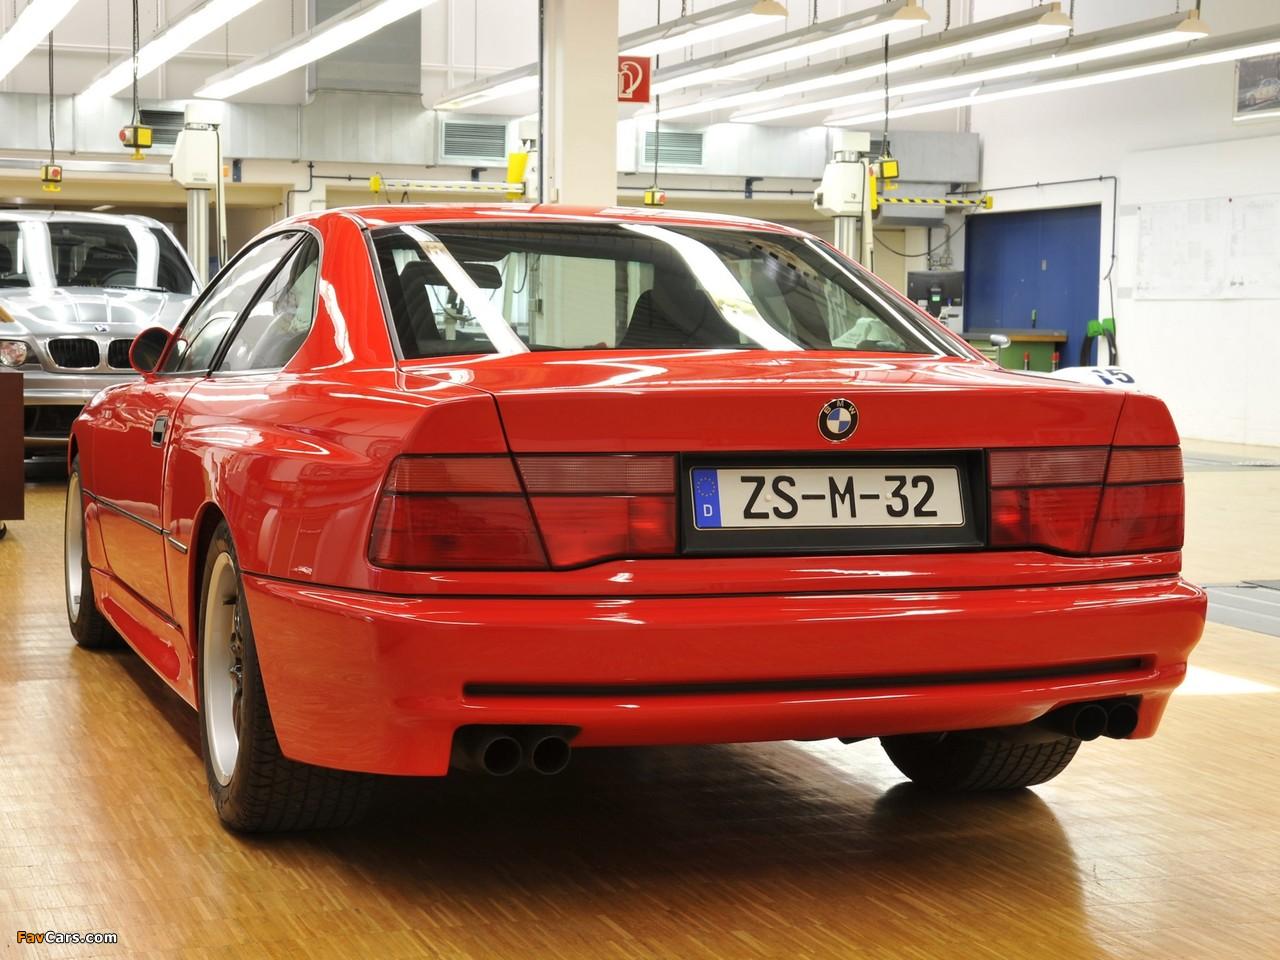 BMW M8 Prototype (E31) 1990 pictures (1280 x 960)